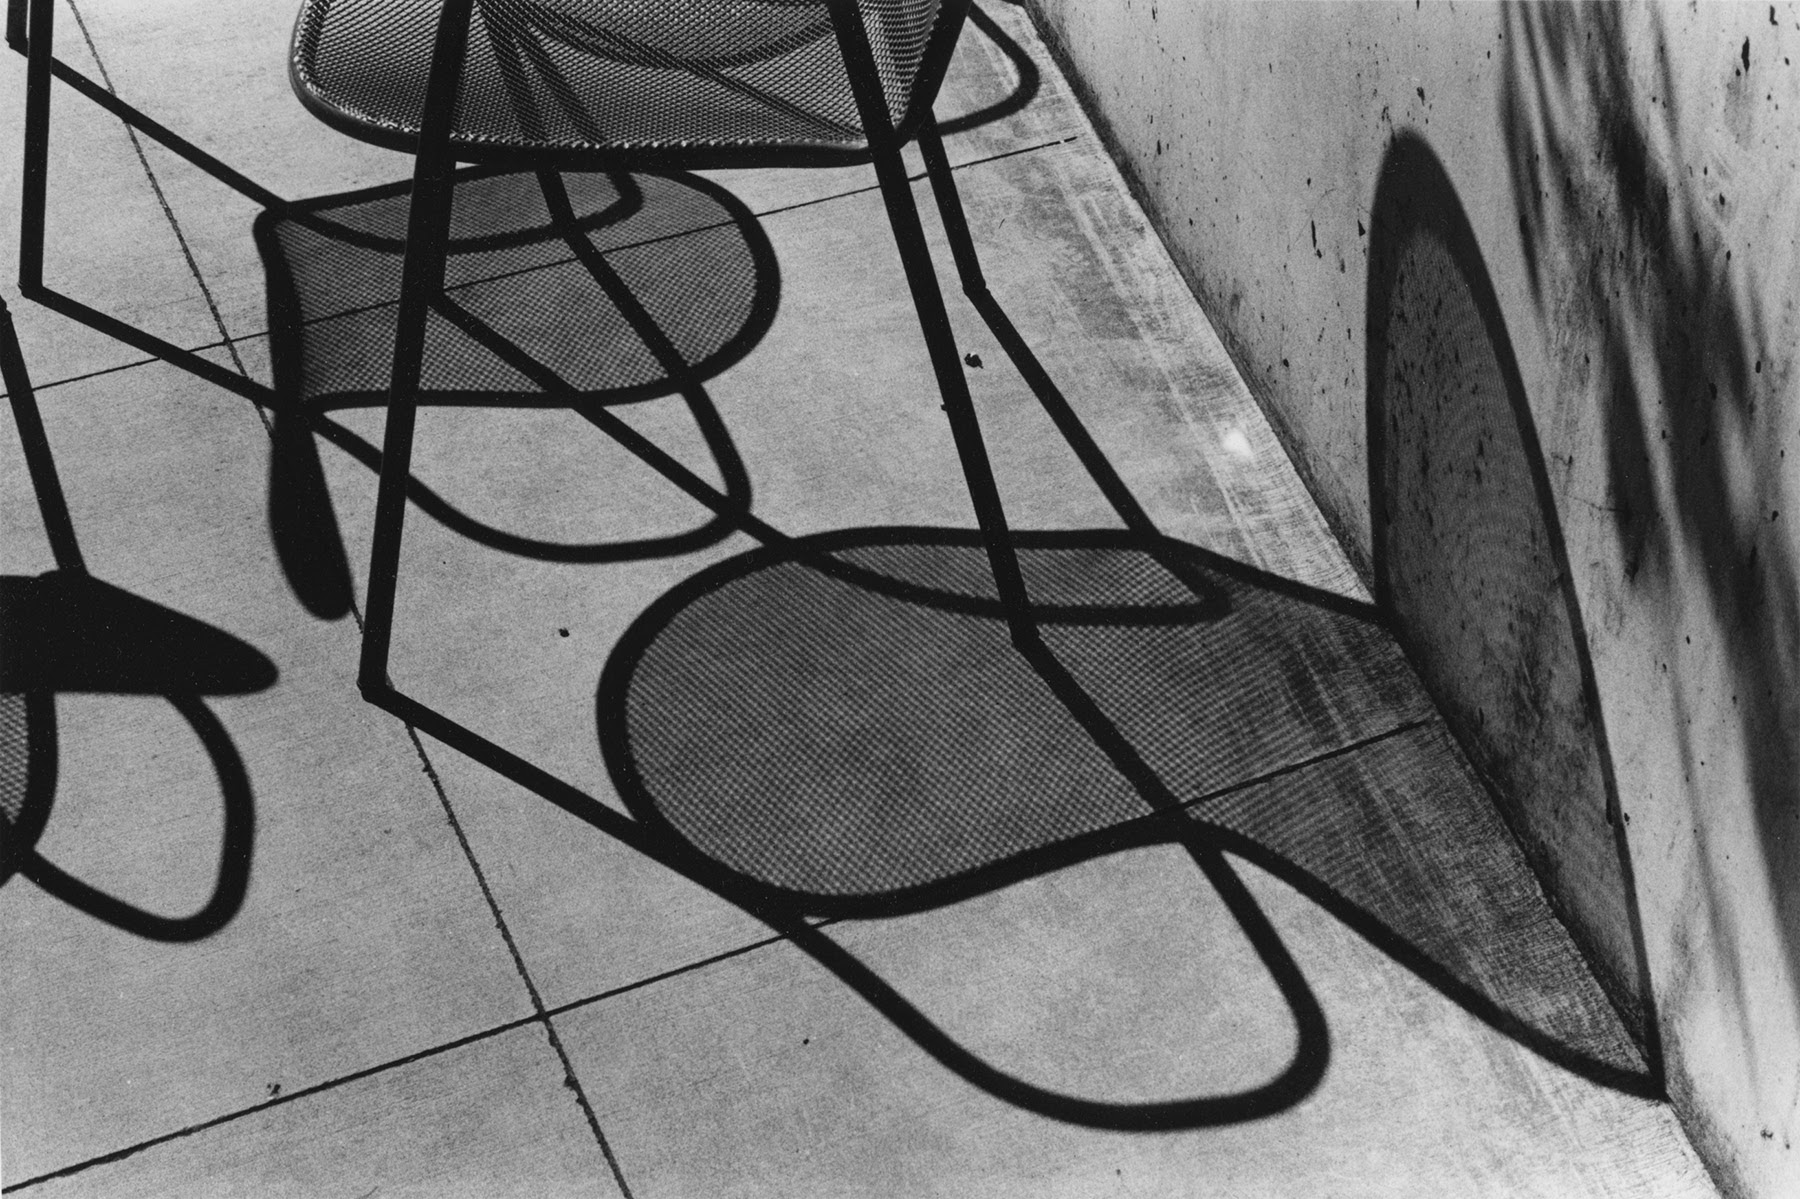 Four Chairs, Shadows